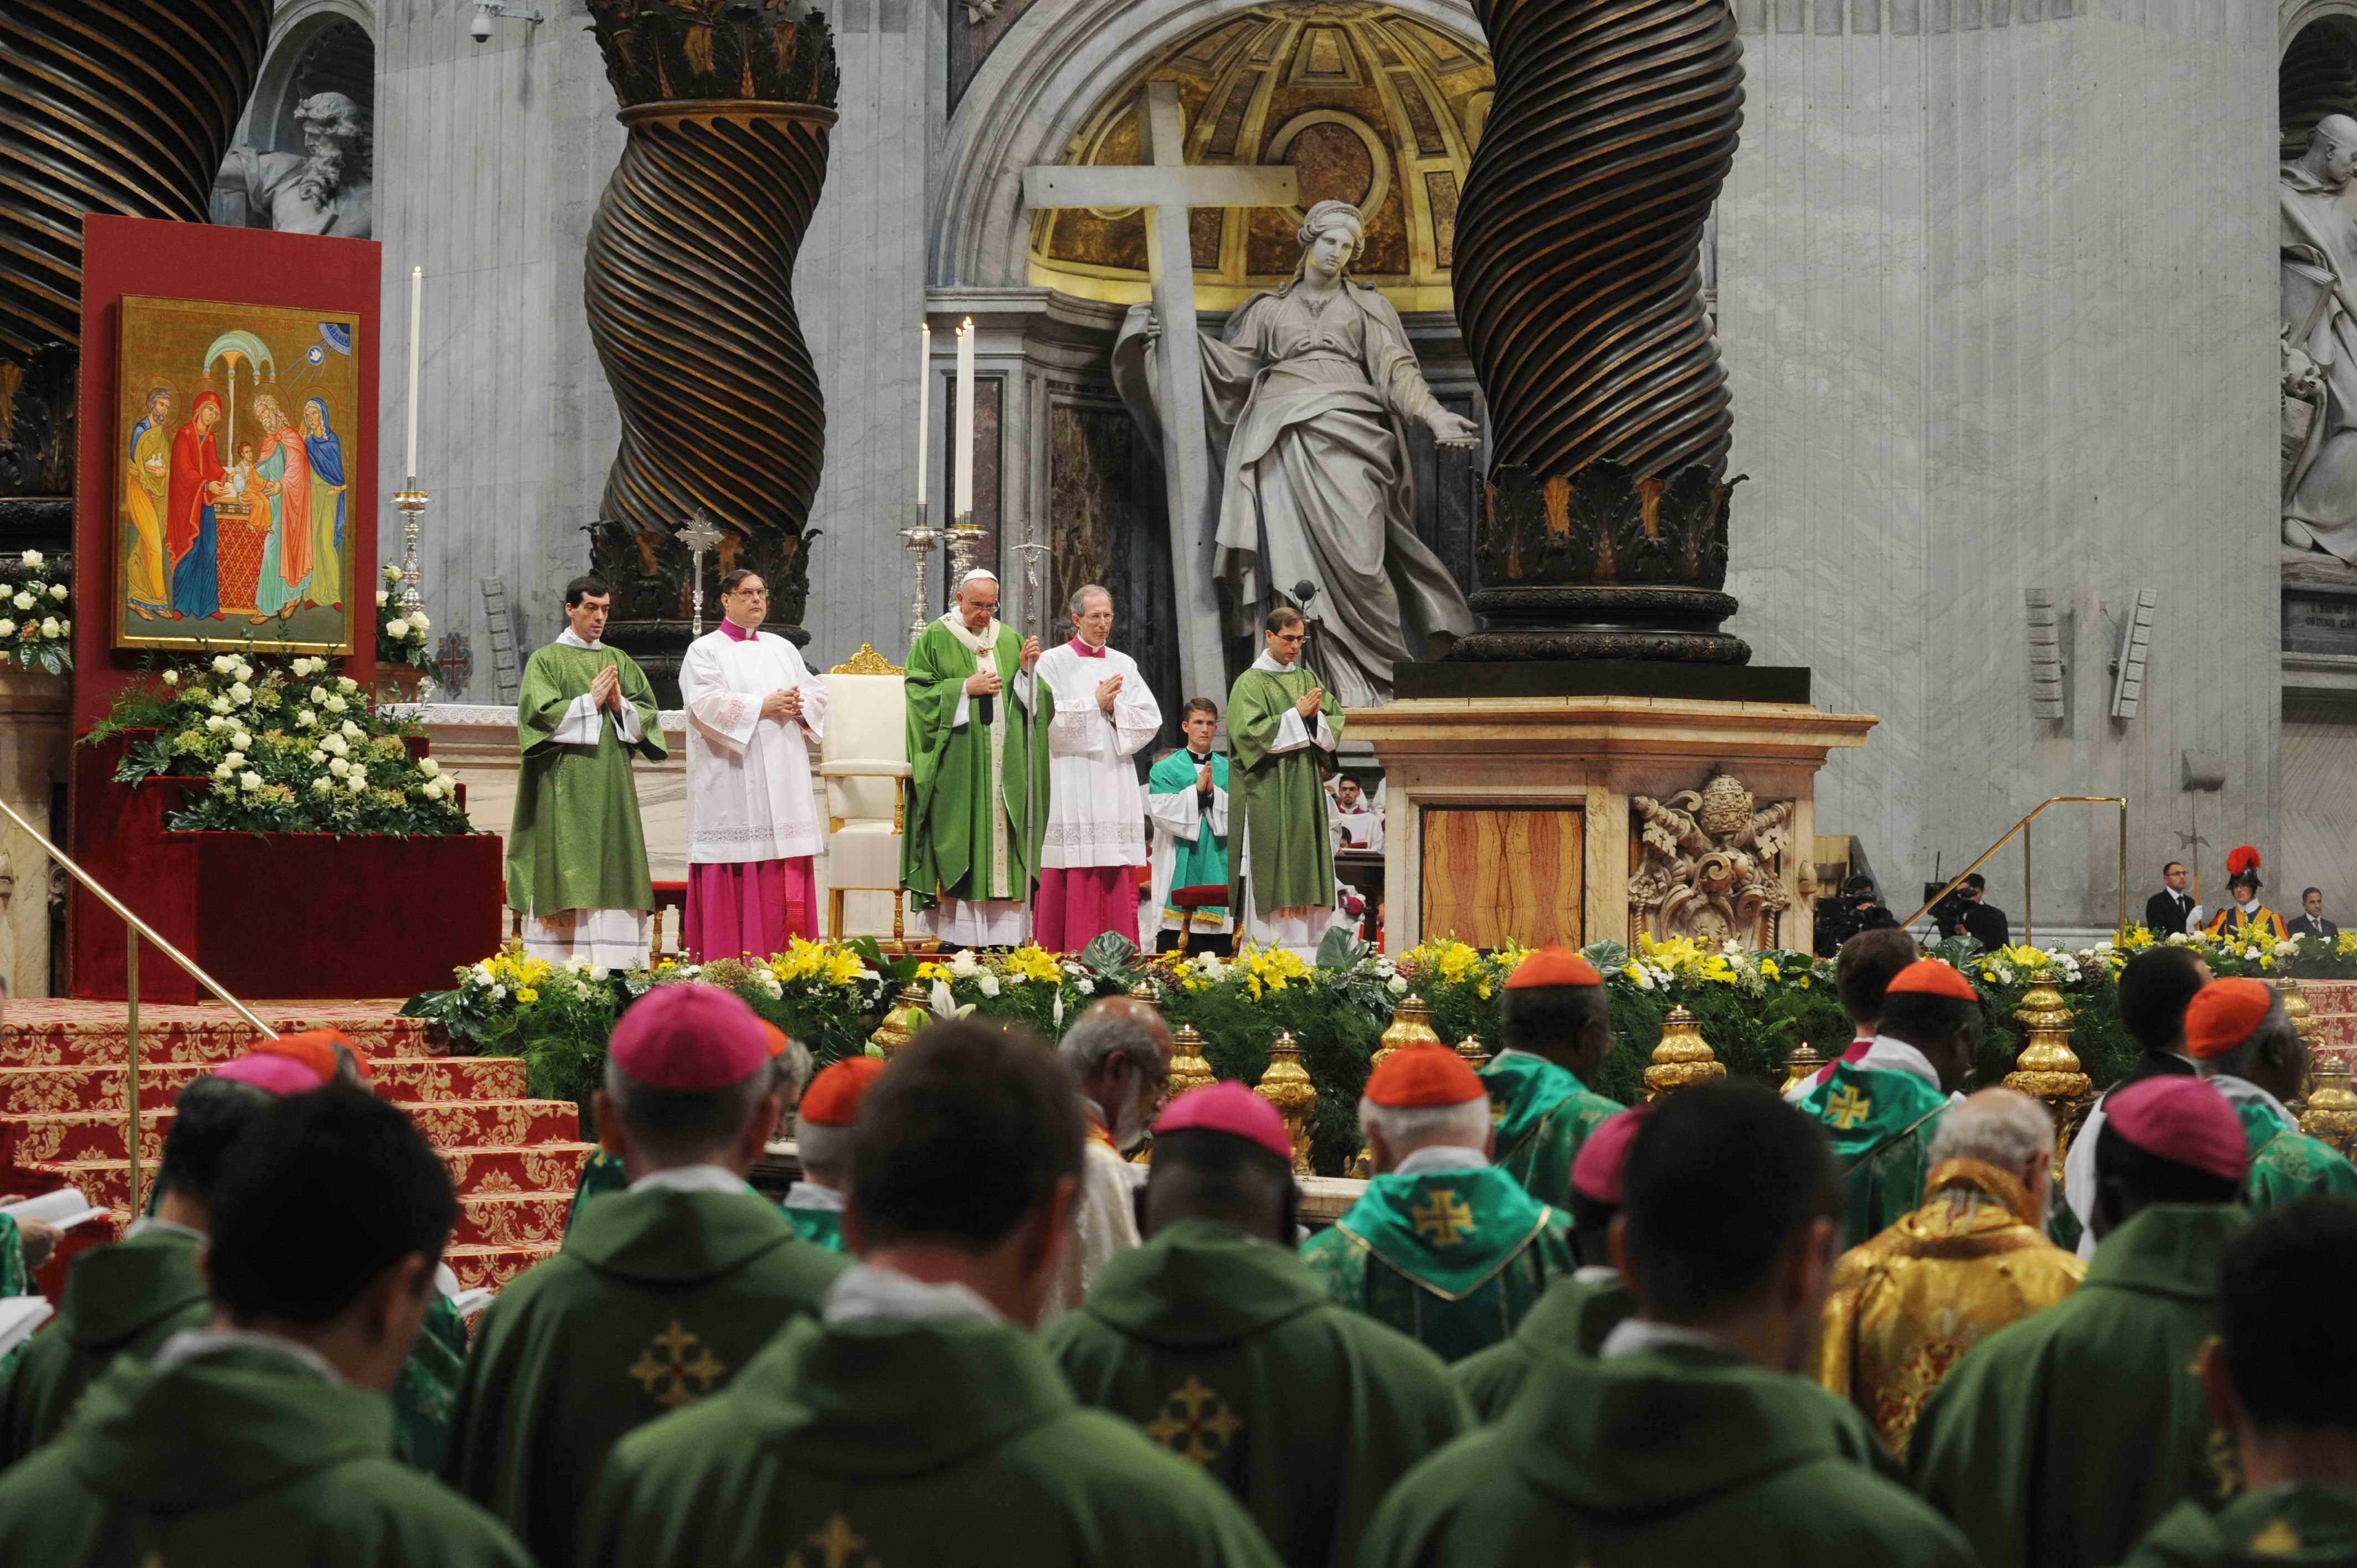 """""""Parlare con parresìa e ascoltare con umiltà"""". Gli atteggiamenti chiesti da Papa Francesco al Sinodo"""